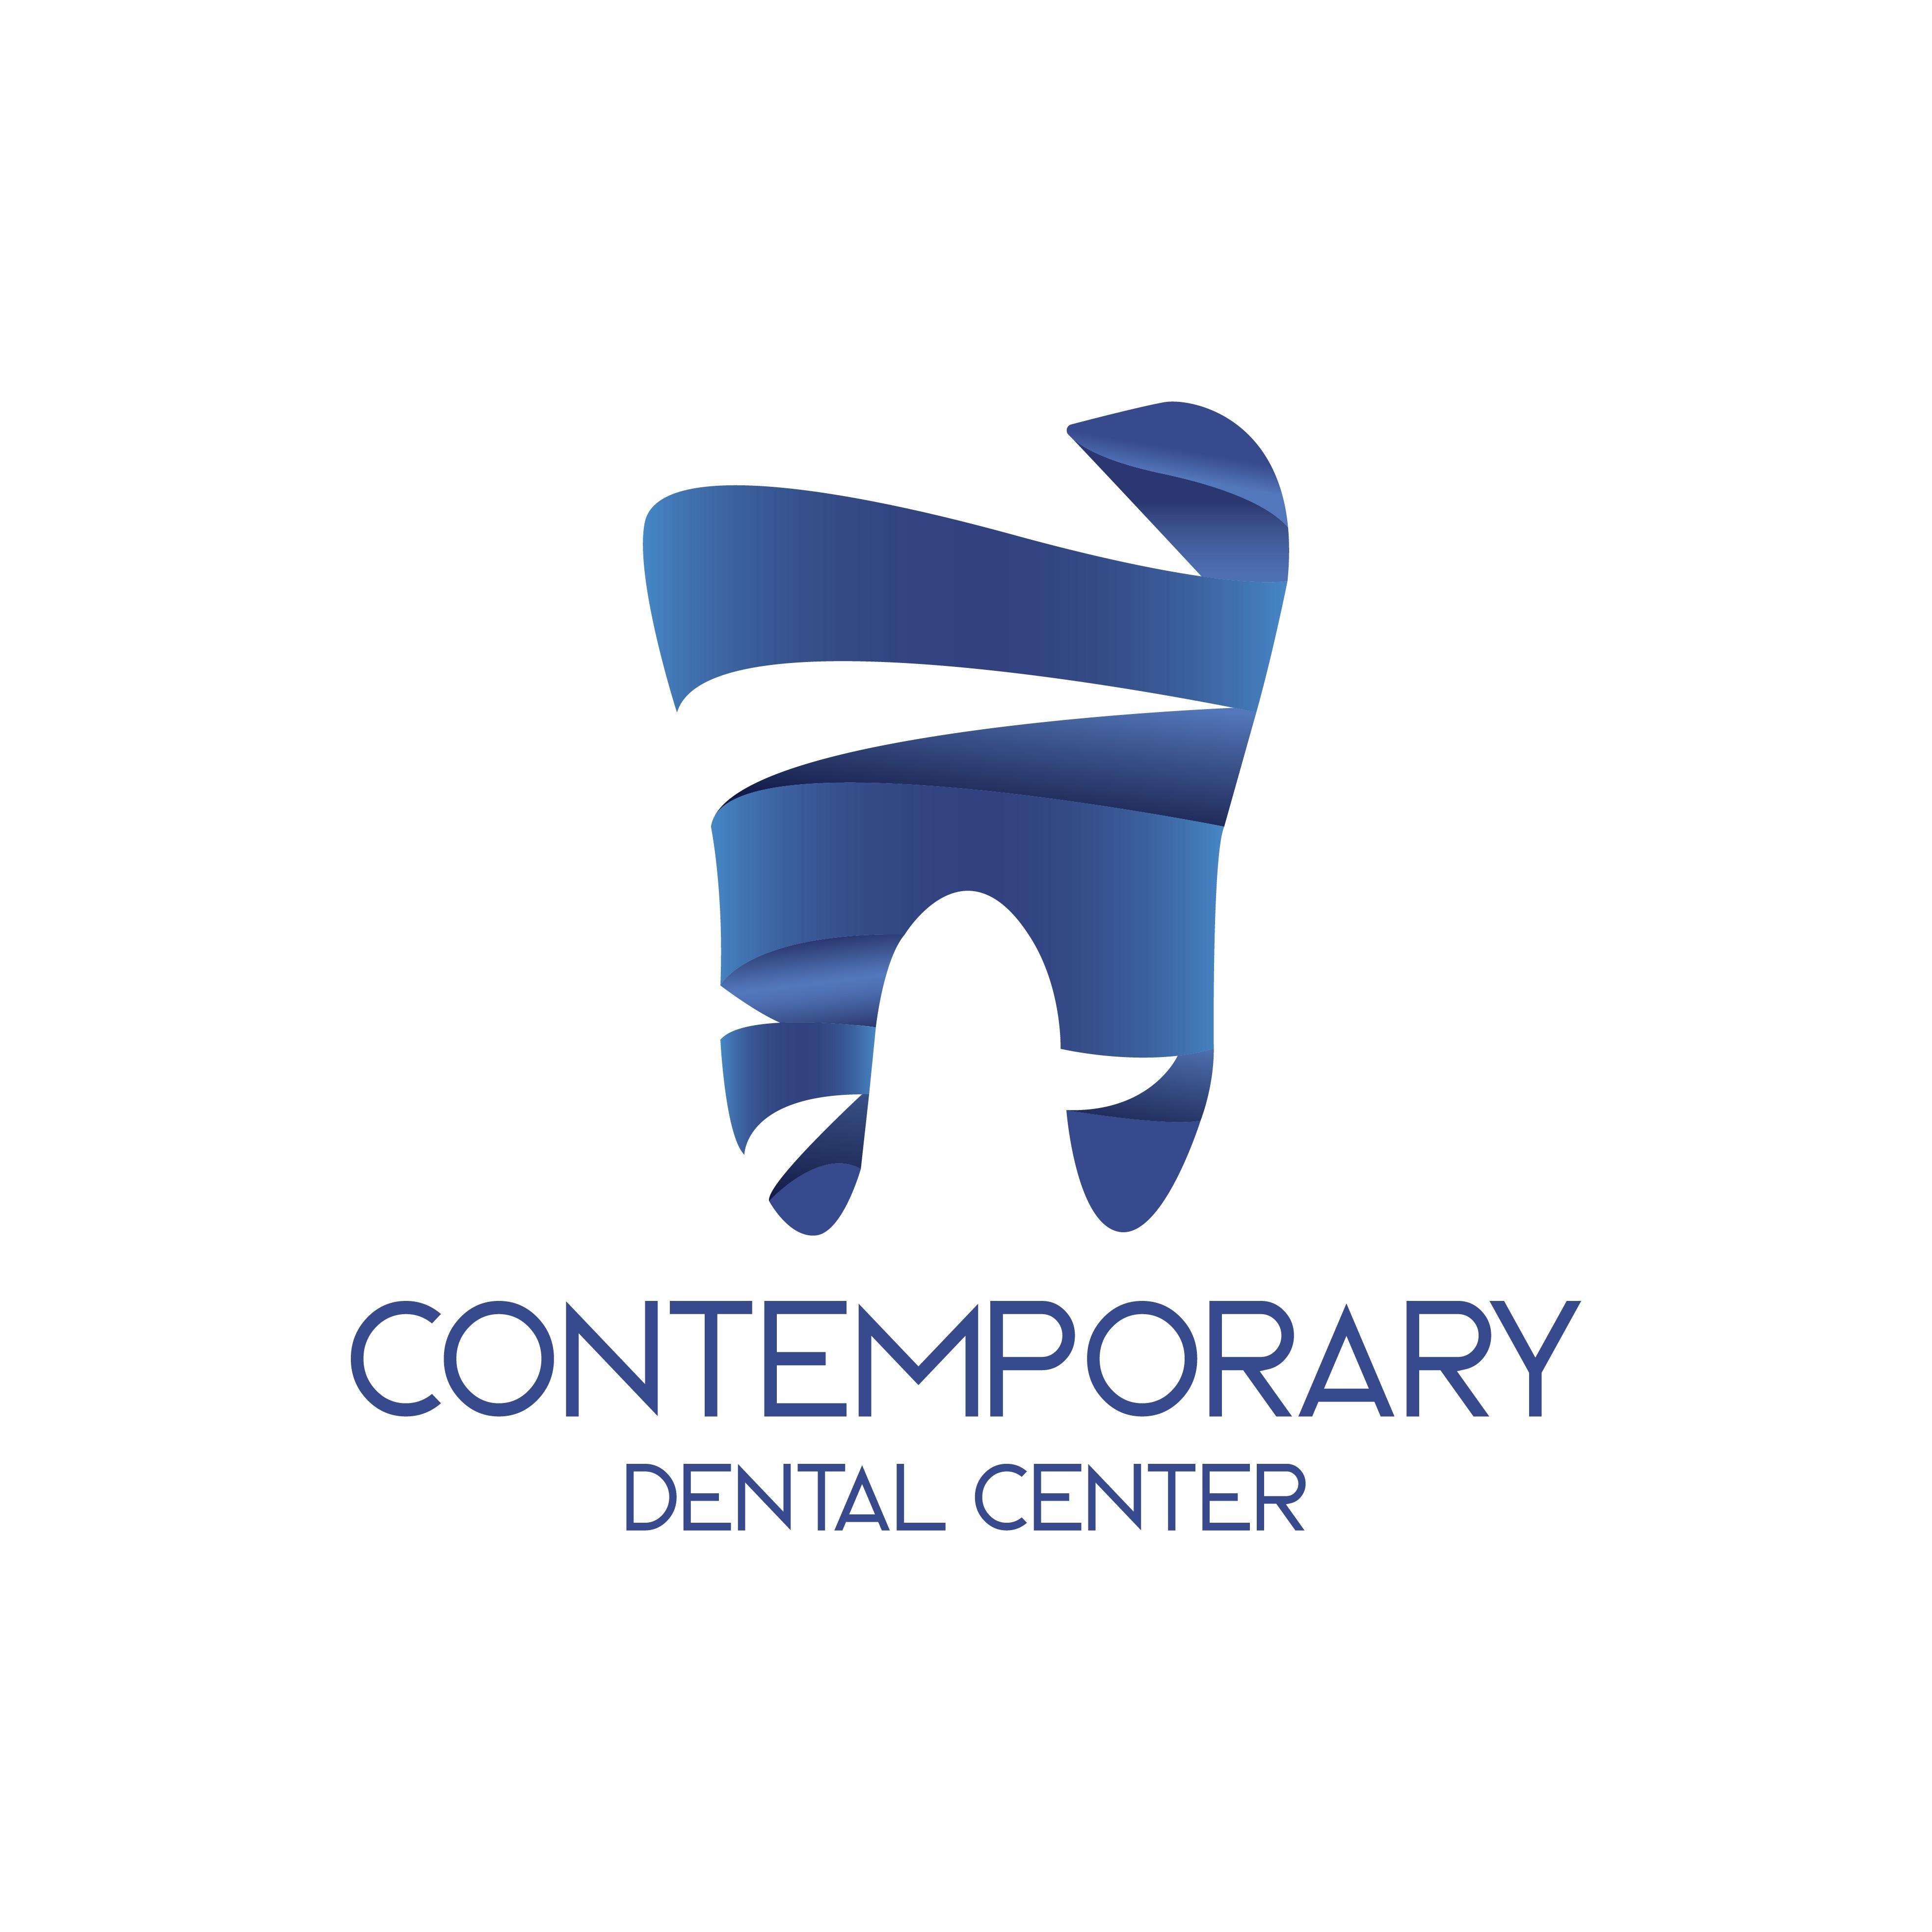 لوجو مركز الأستاذ الدكتور معتز الخواص لزراعة و تجميل الاسنان